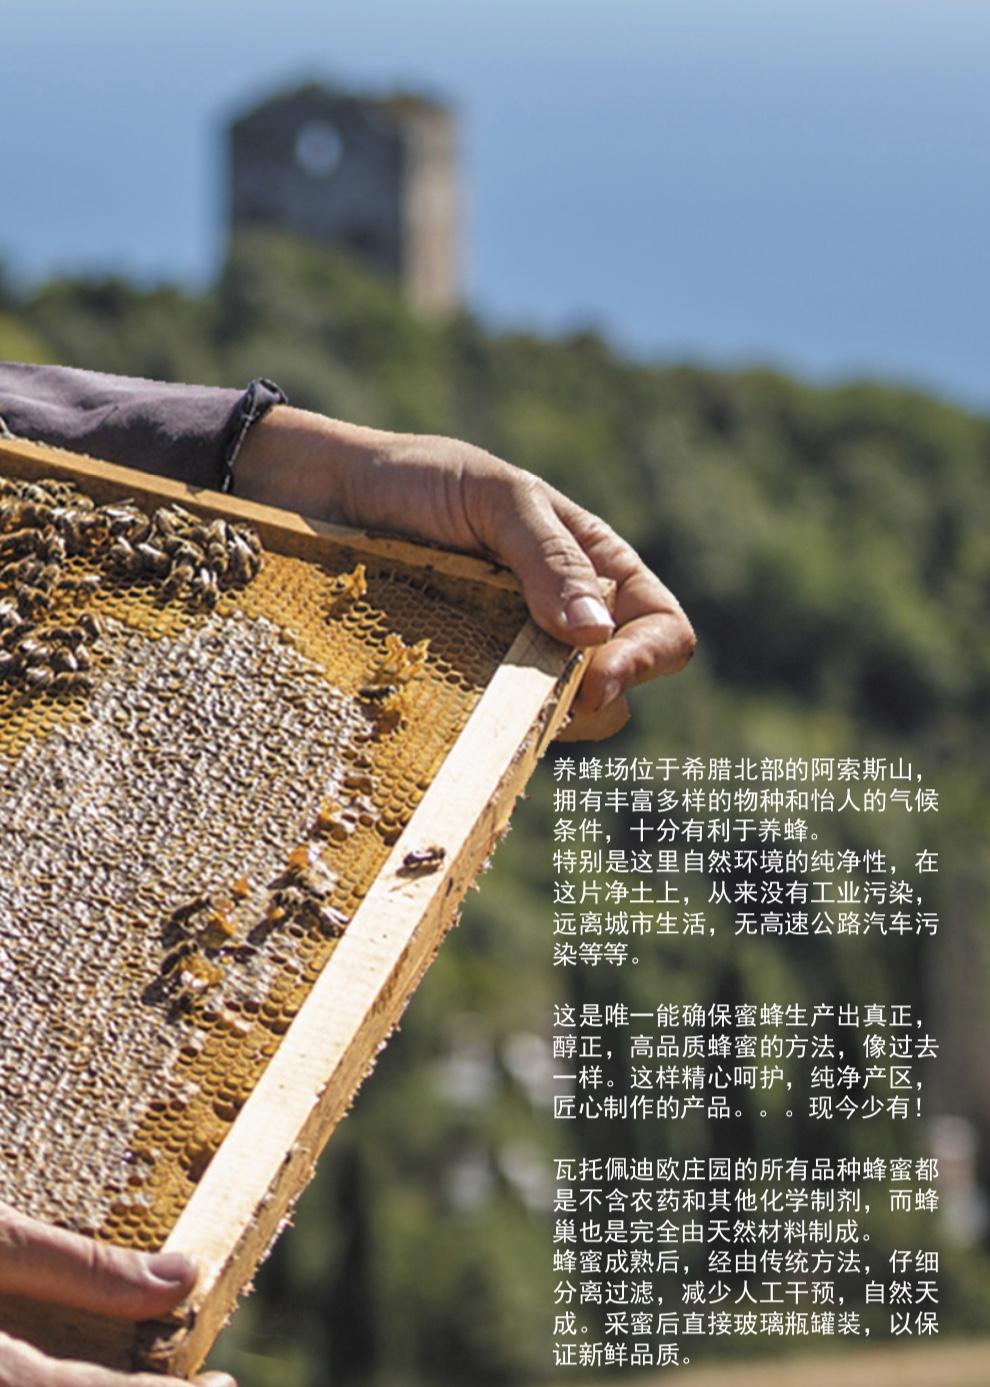 希腊圣山修道院蜂蜜场.jpg